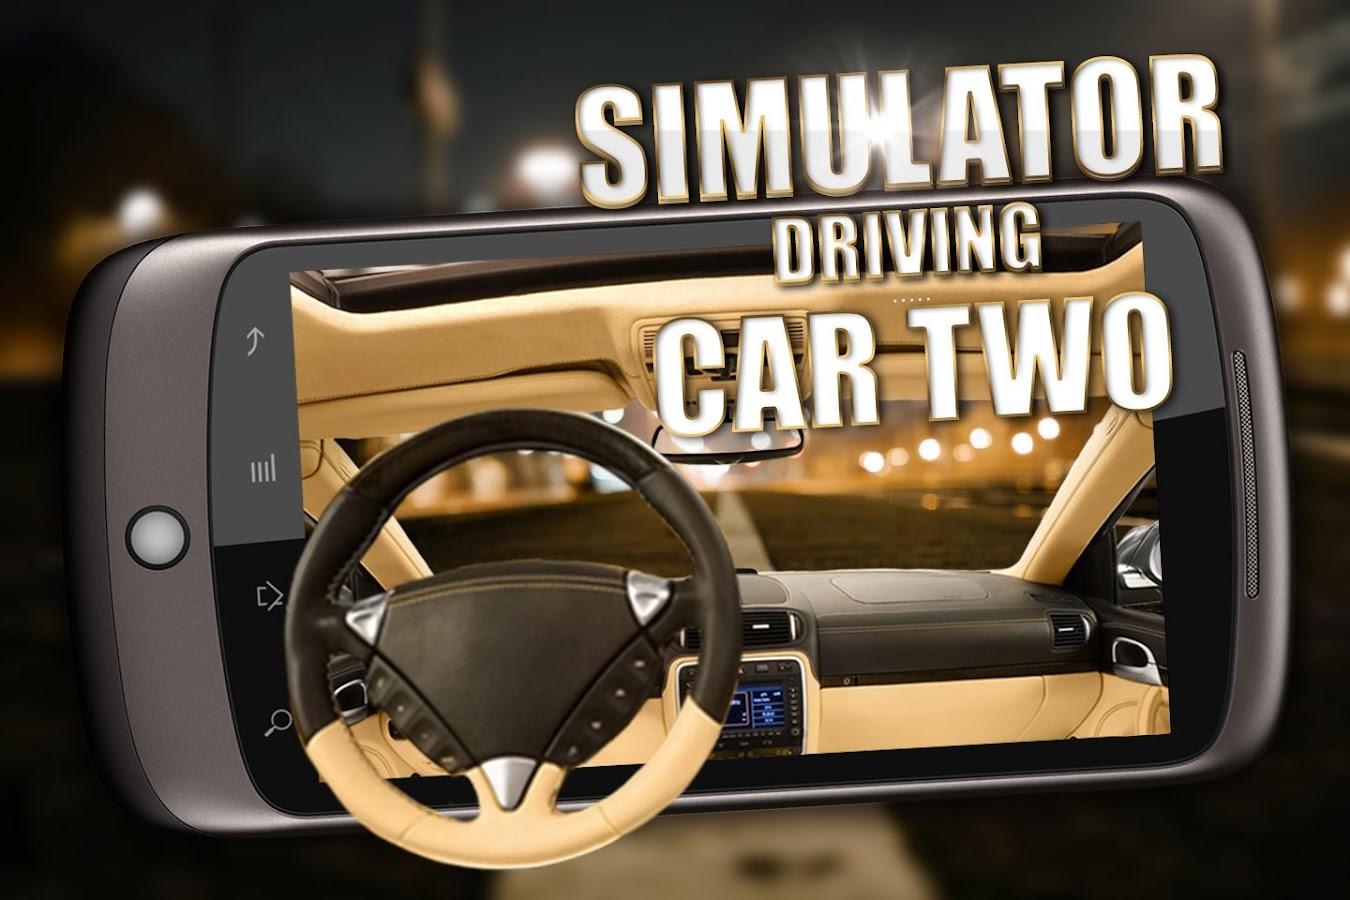 Simulator-driving-car-two 6